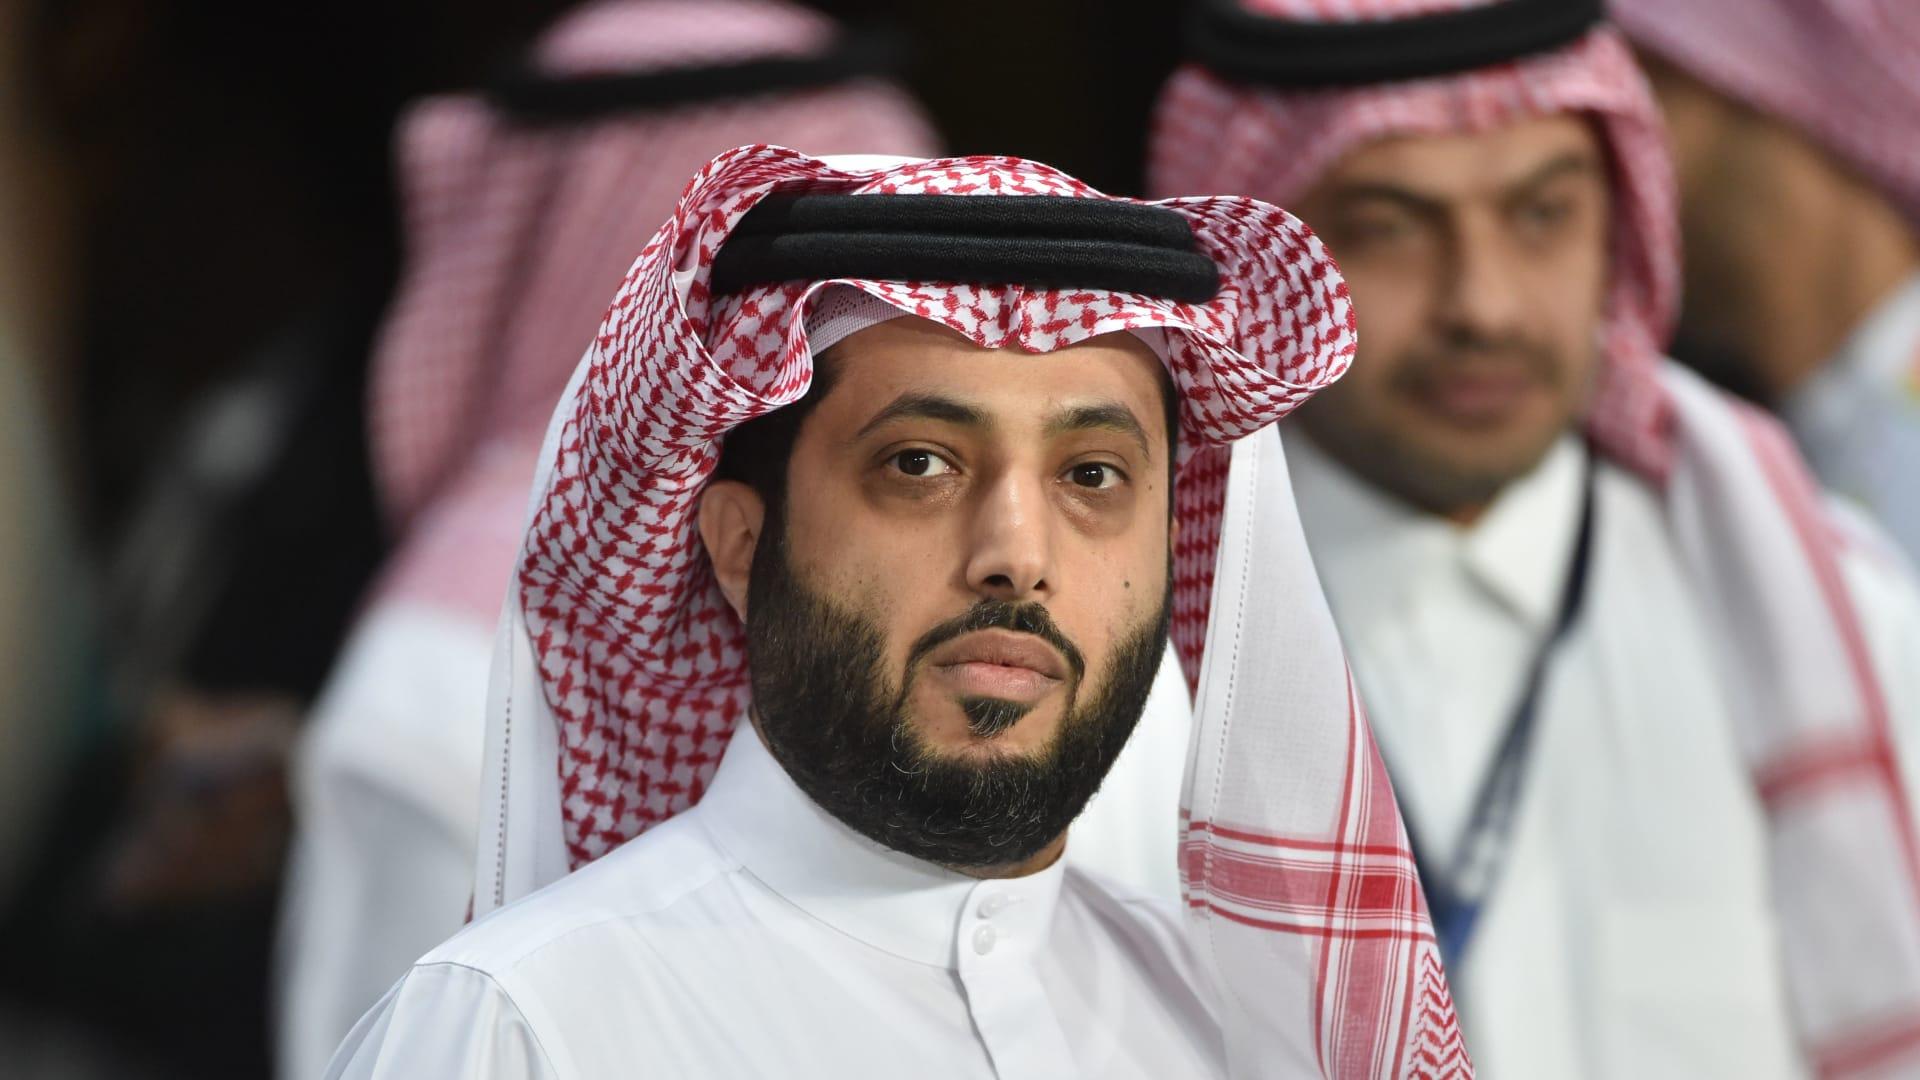 بعد تصريحات رئيس الزمالك.. تركي آل الشيخ: صفحة استثماراتي في مصر طُويت